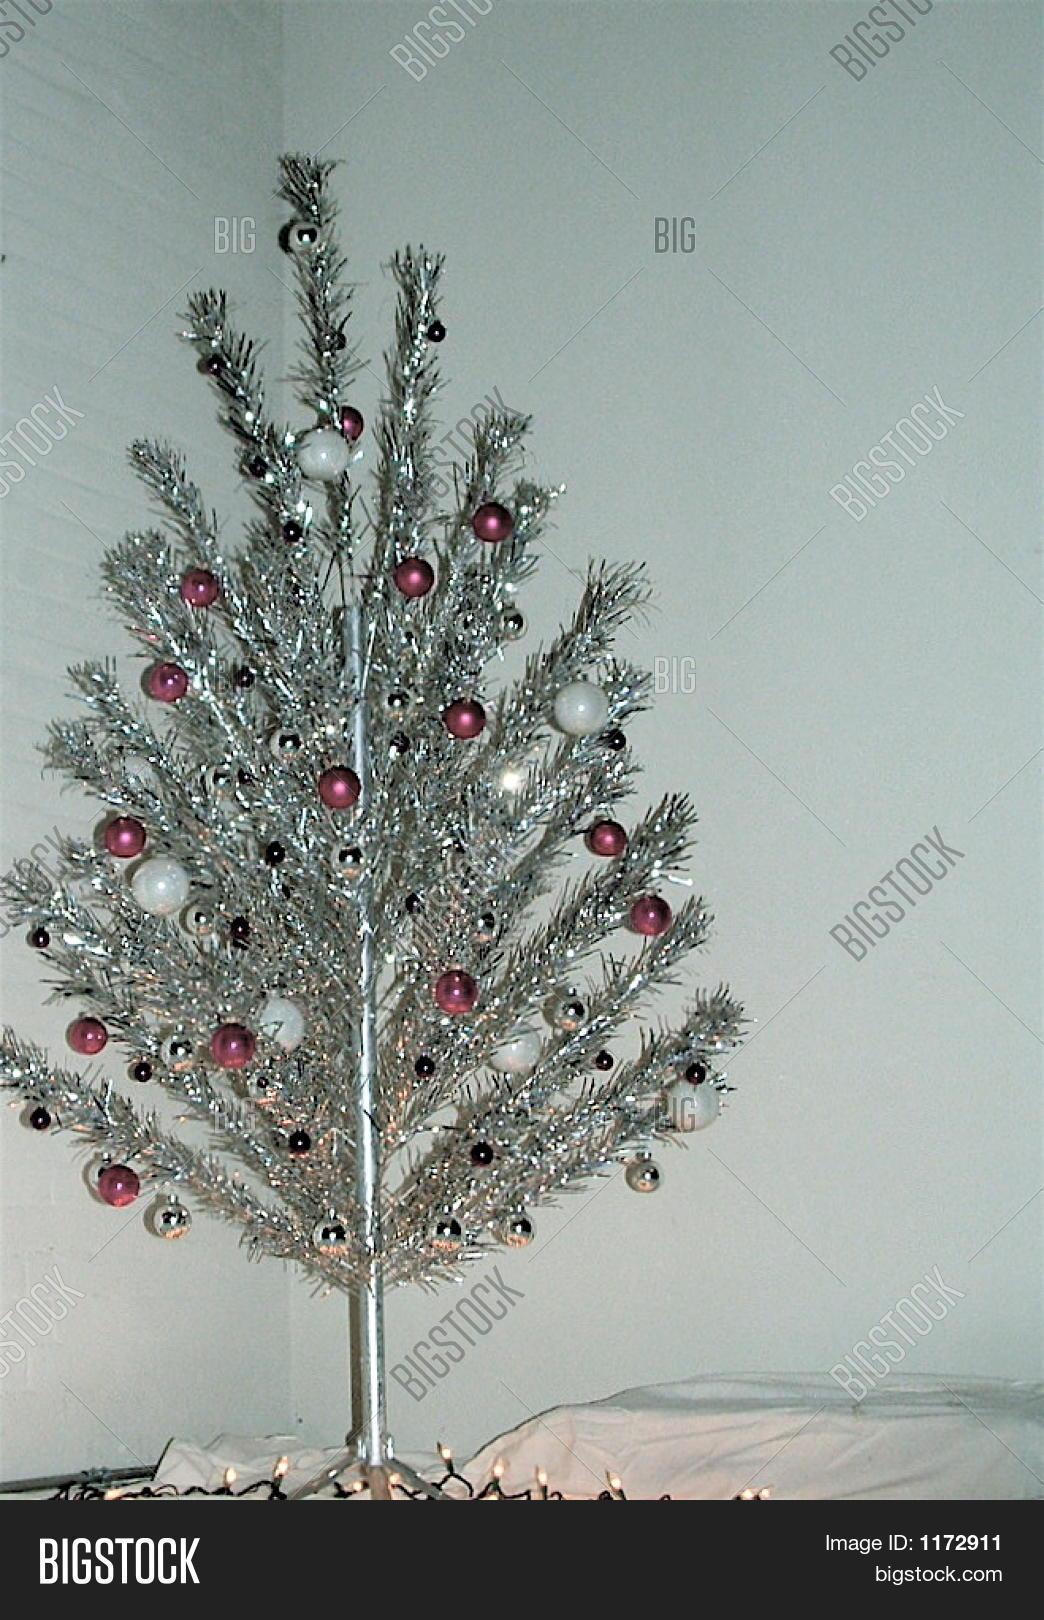 Aluminum minimalist christmas tree image photo bigstock for Minimalist christmas tree